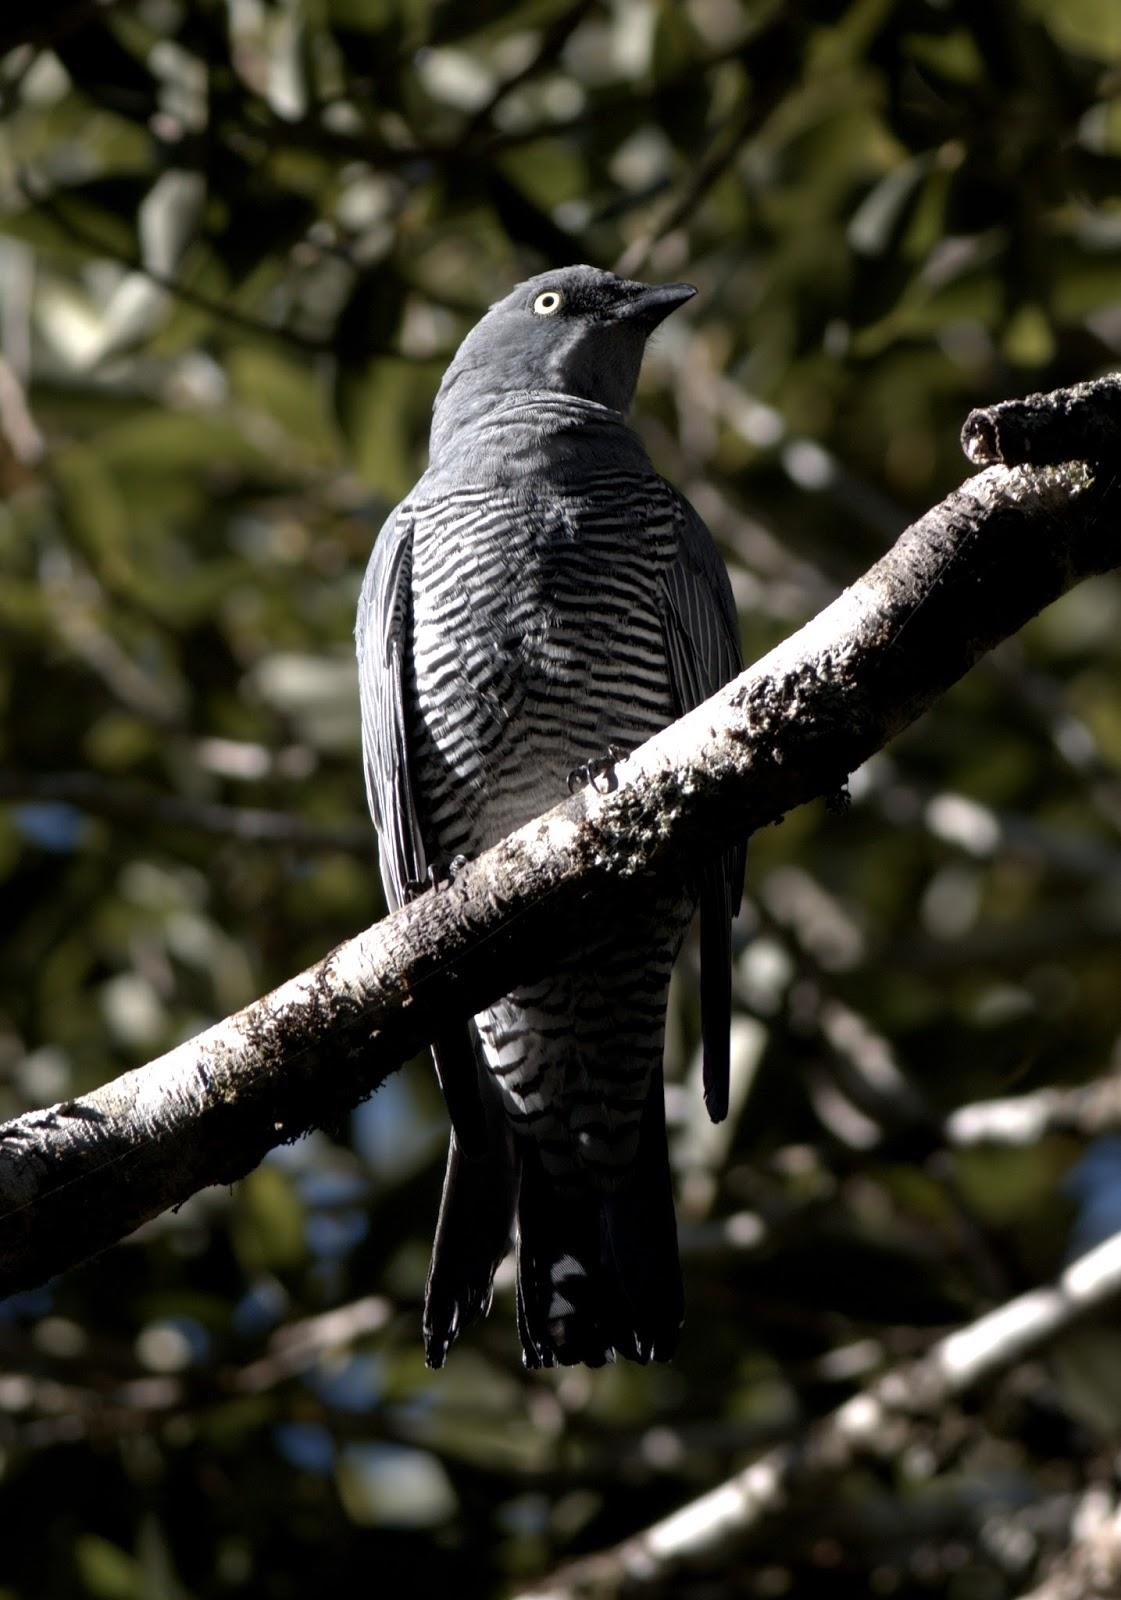 sunshinecoastbirds: Queensland Road Trip 6: Malanda ...